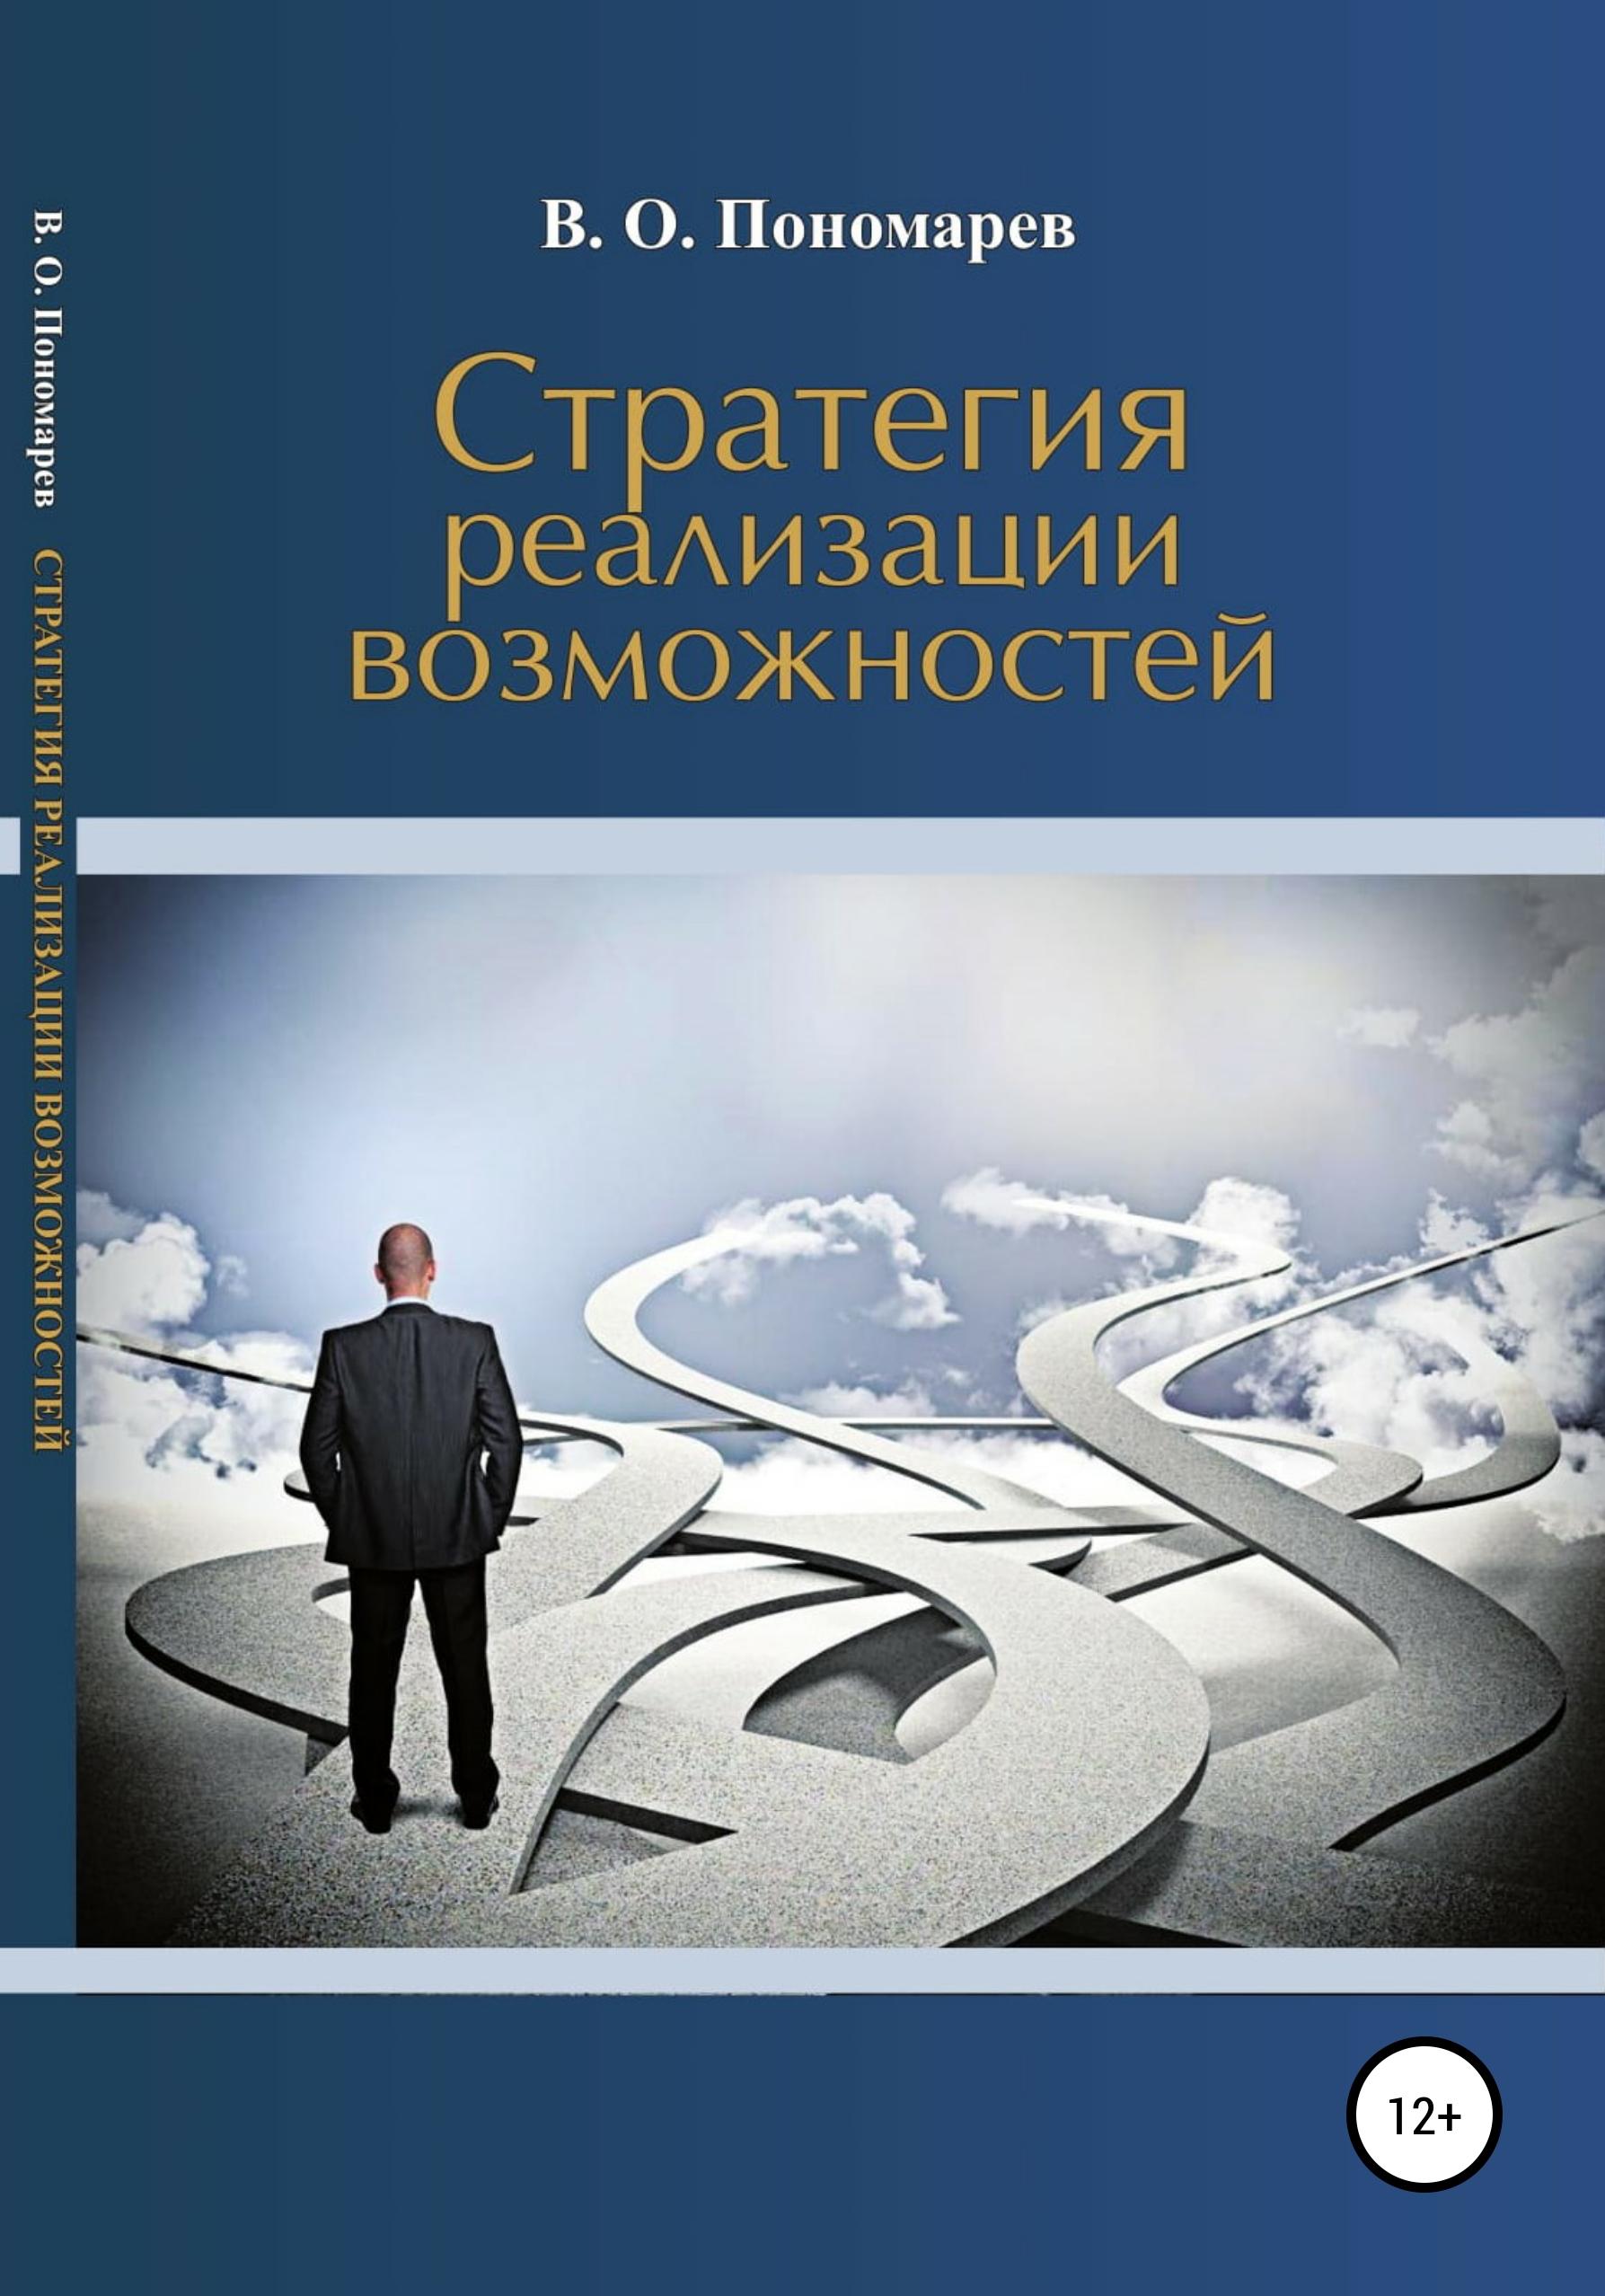 Купить книгу Стратегия реализации возможностей, автора Владислава Олеговича Пономарева